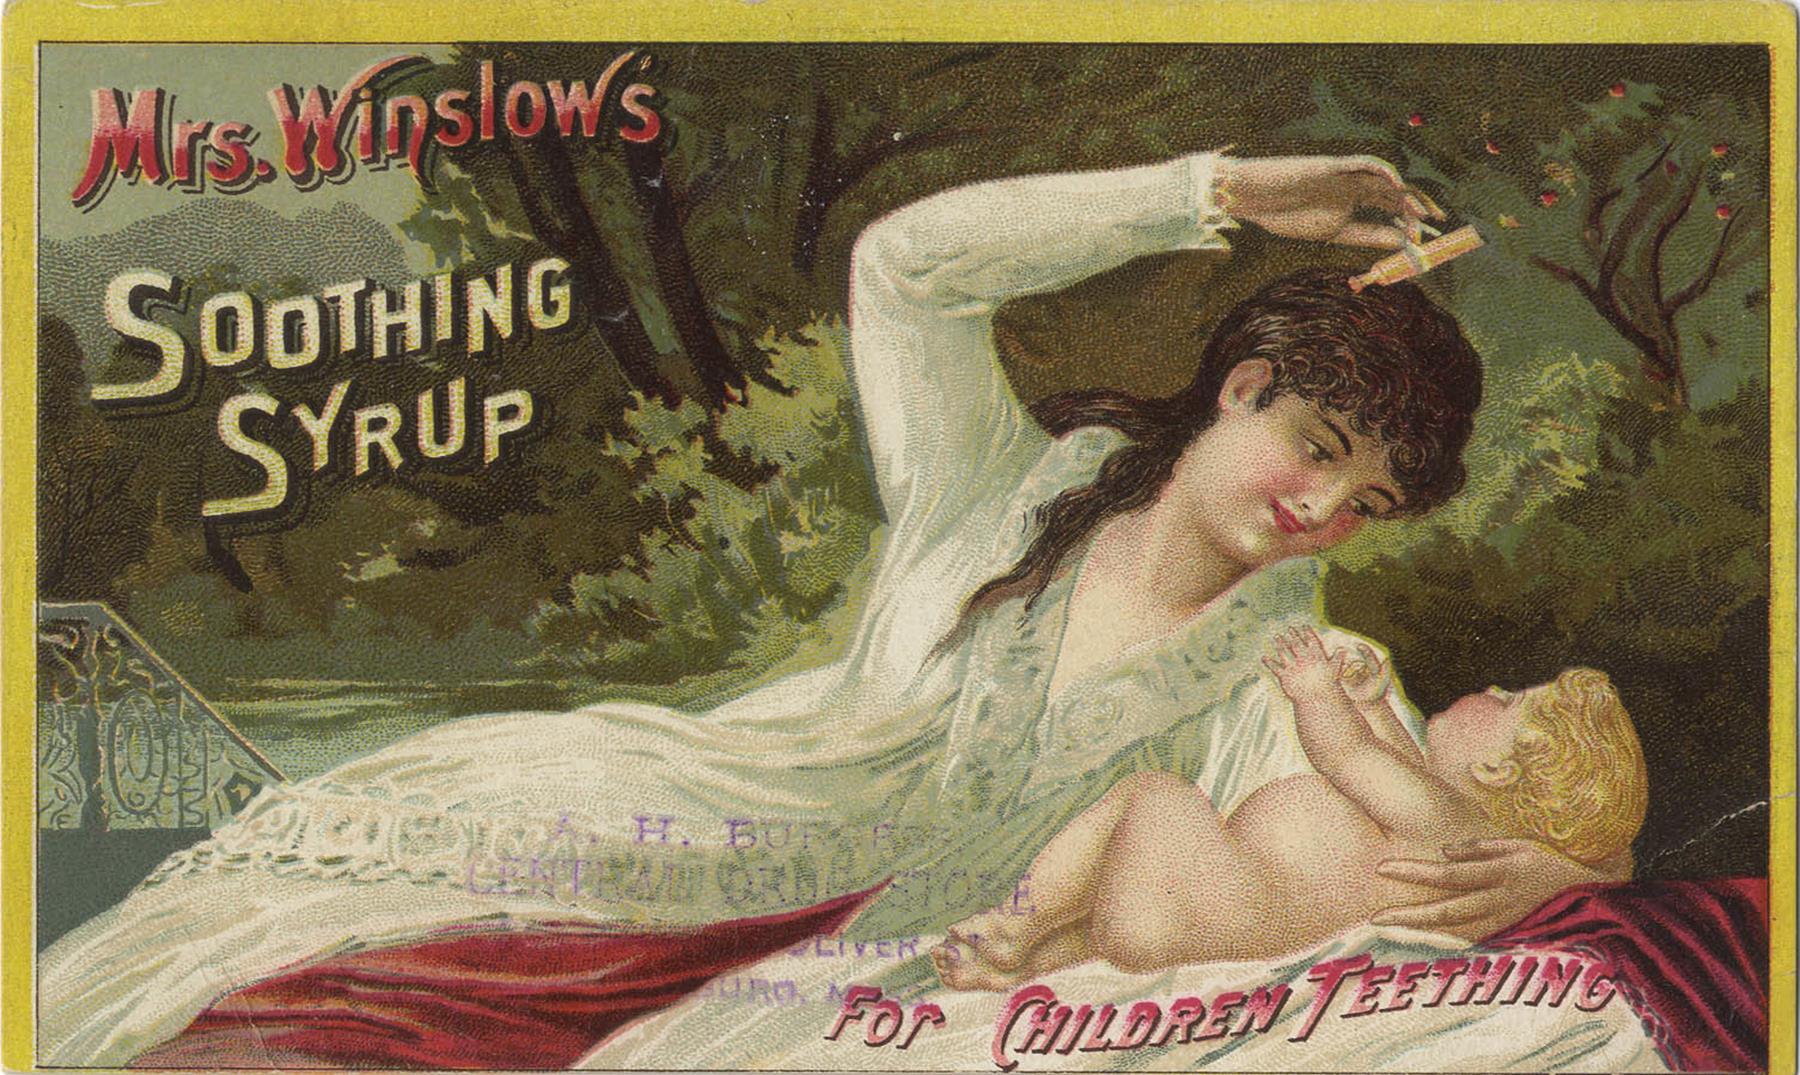 El aterrador jarabe para niños de la Señora Winslow